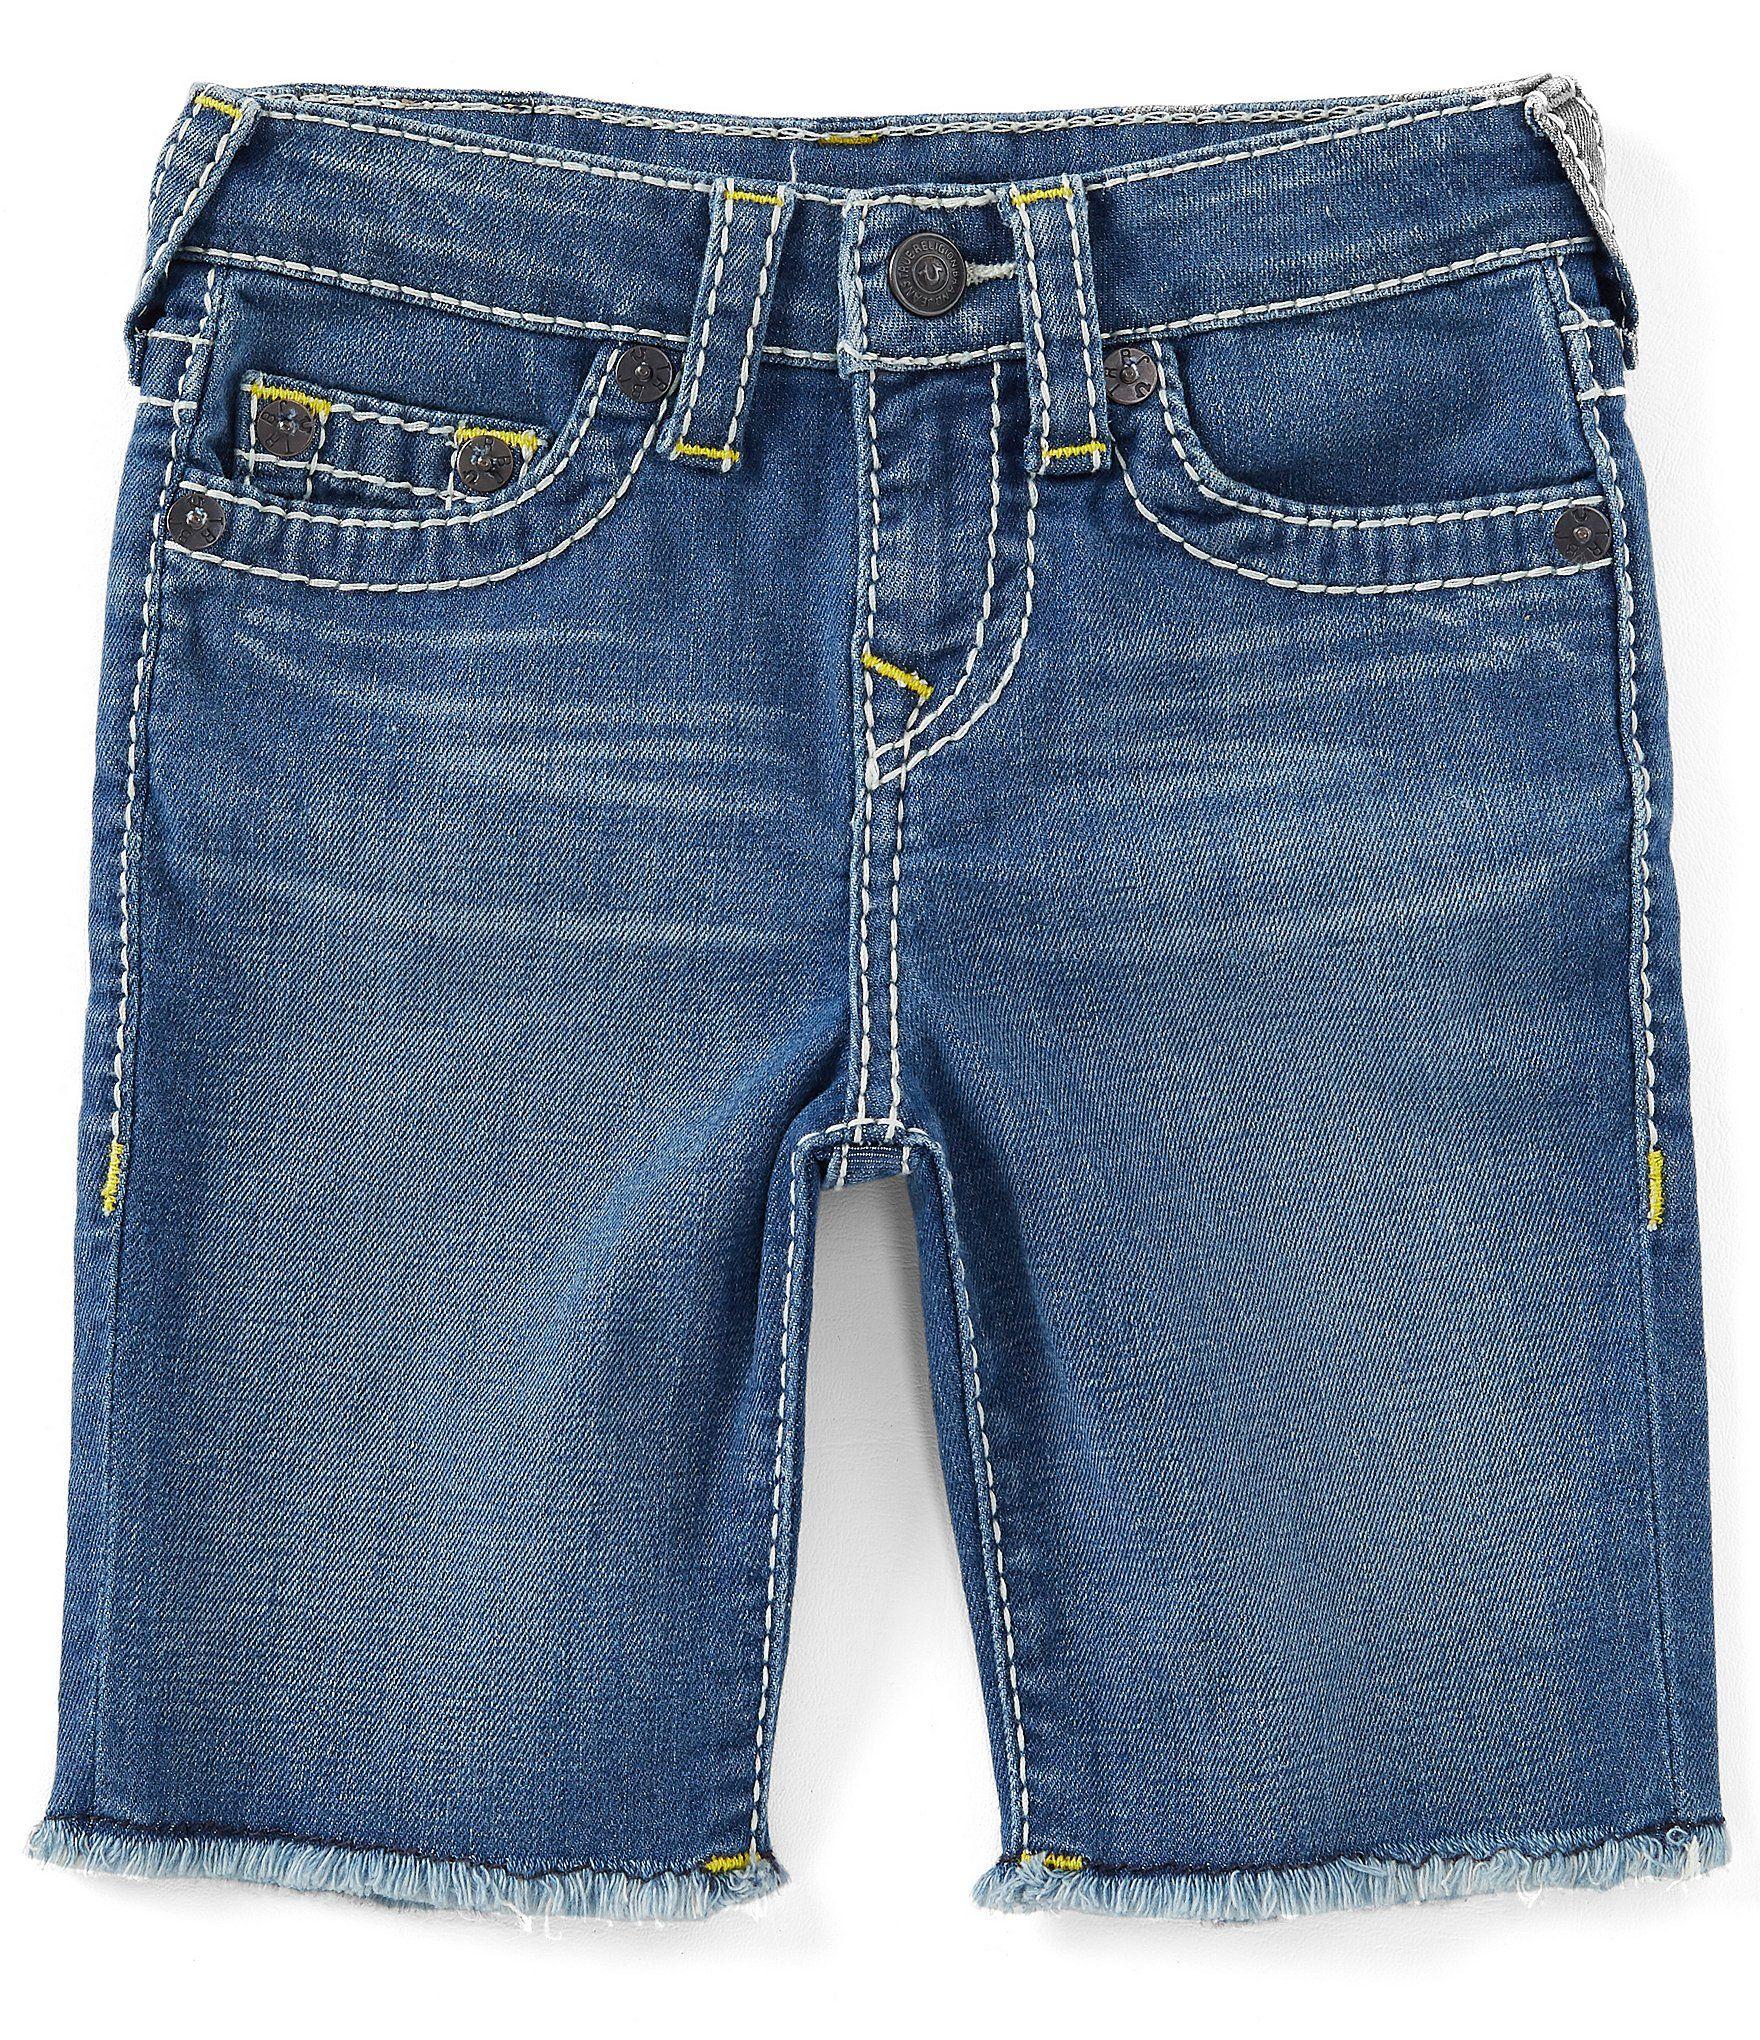 True Religion Little Boys 2T-7 Geno Cut-Off Denim Shorts – Rinse Wash 2T